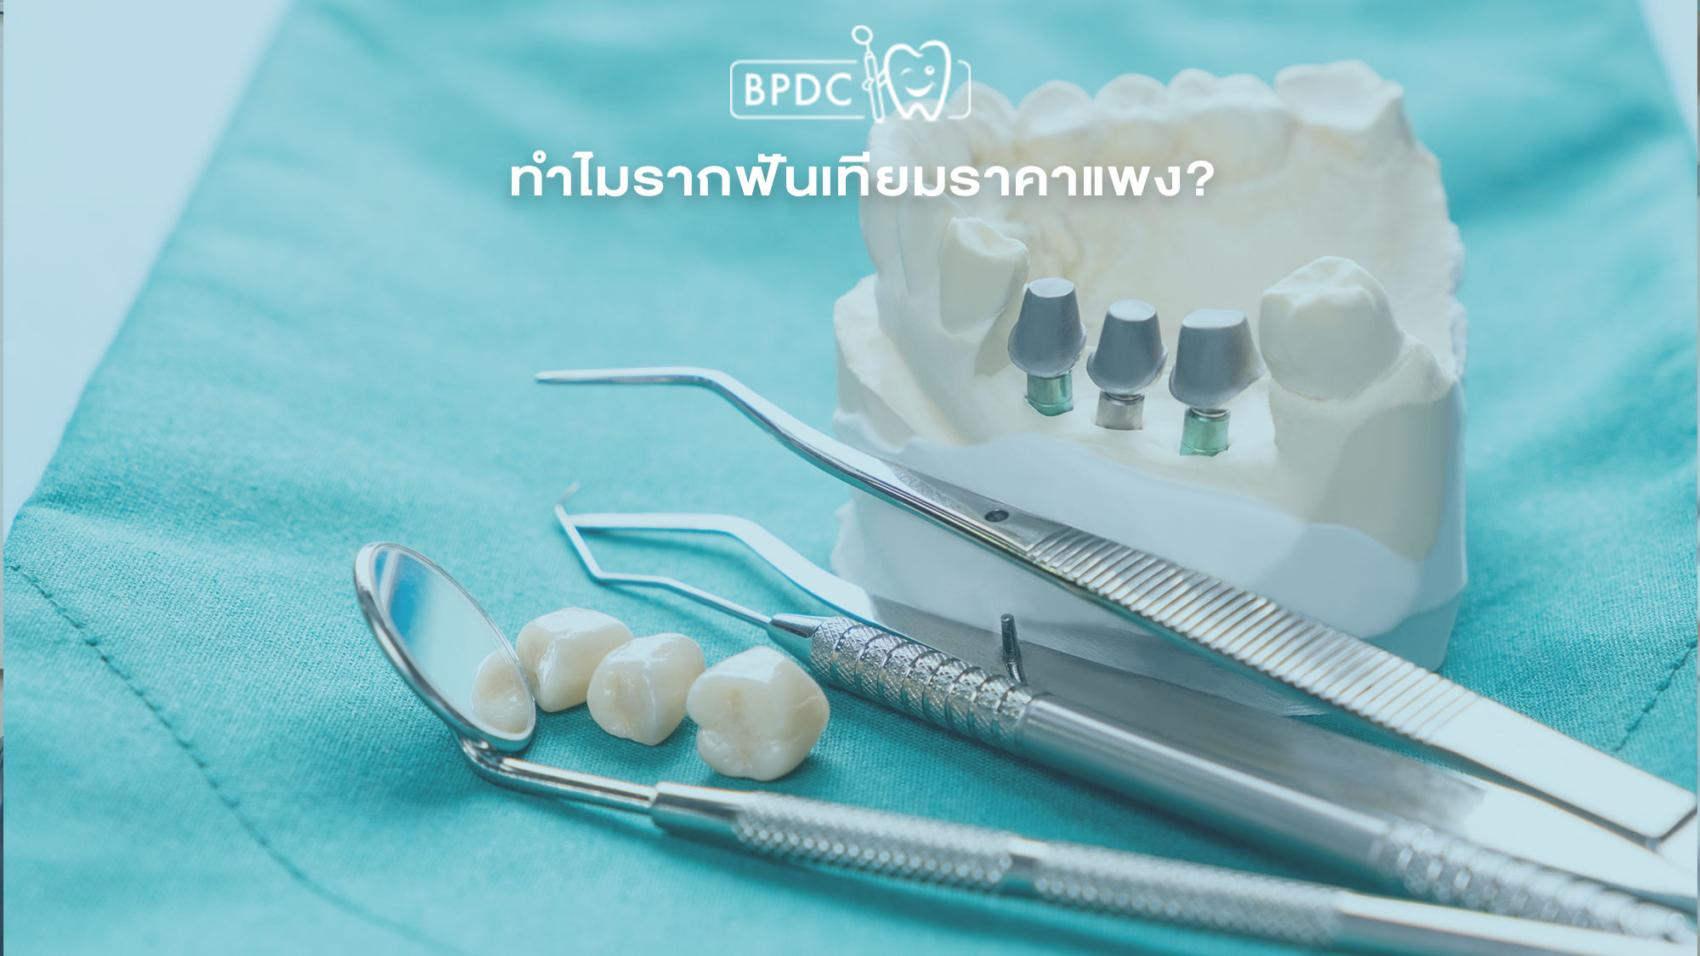 ทำไมรากฟันเทียมราคาแพง